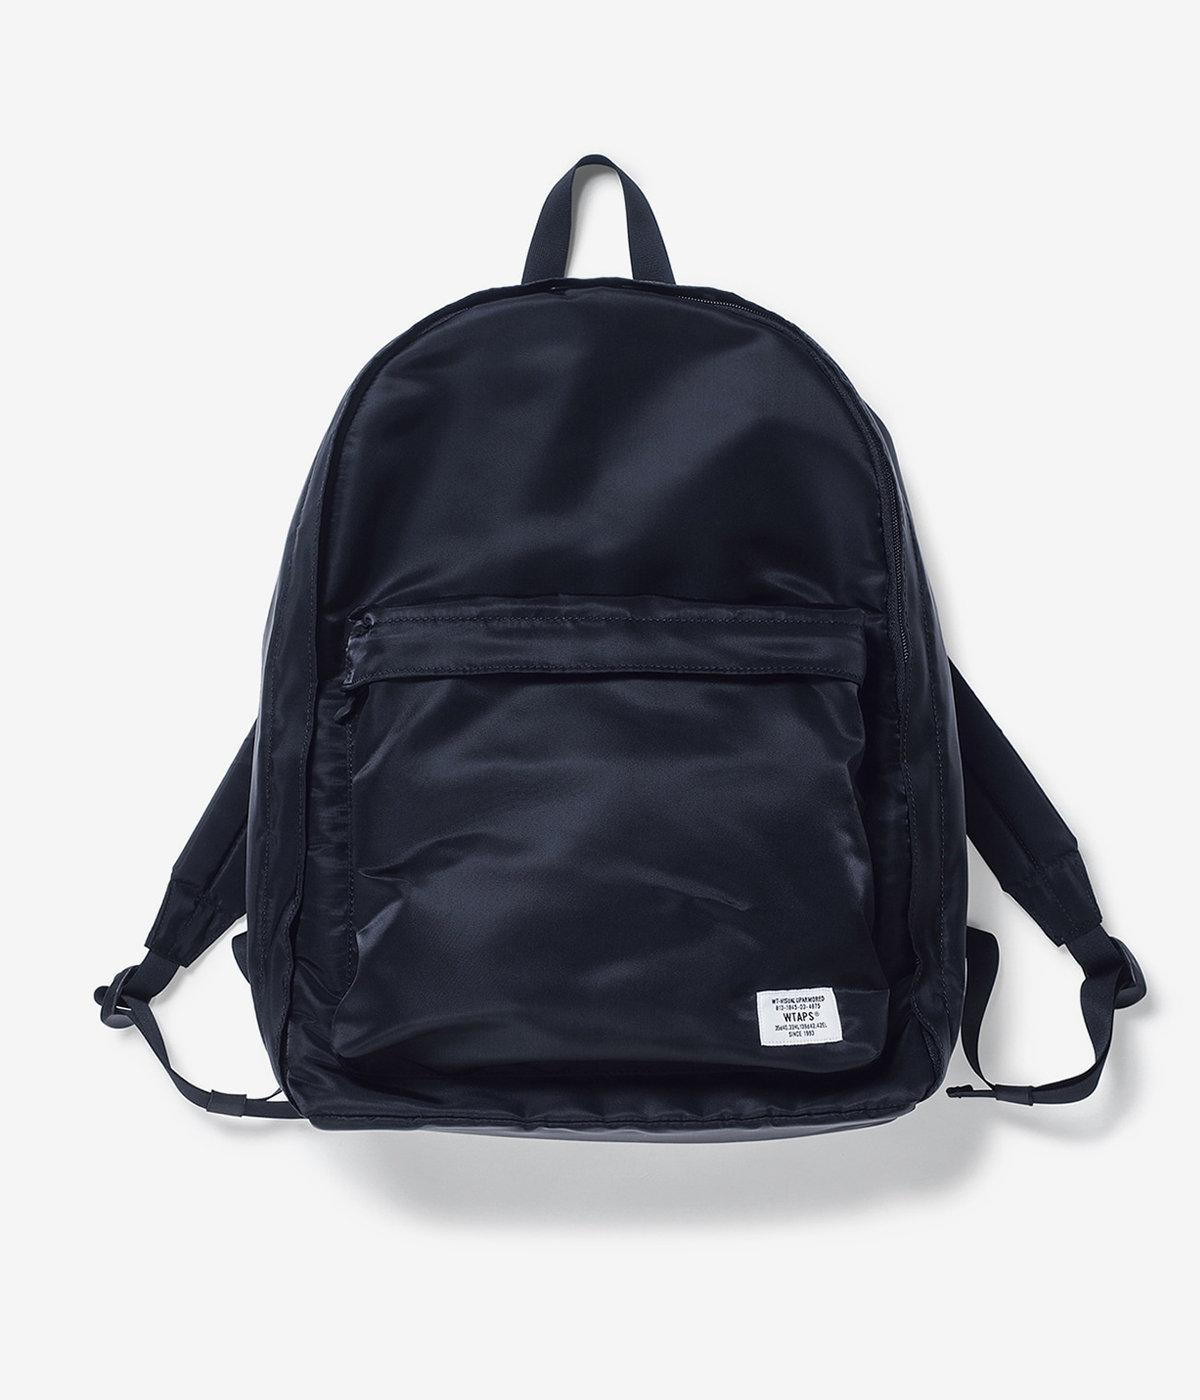 BOOK PACK / BAG / NYLON